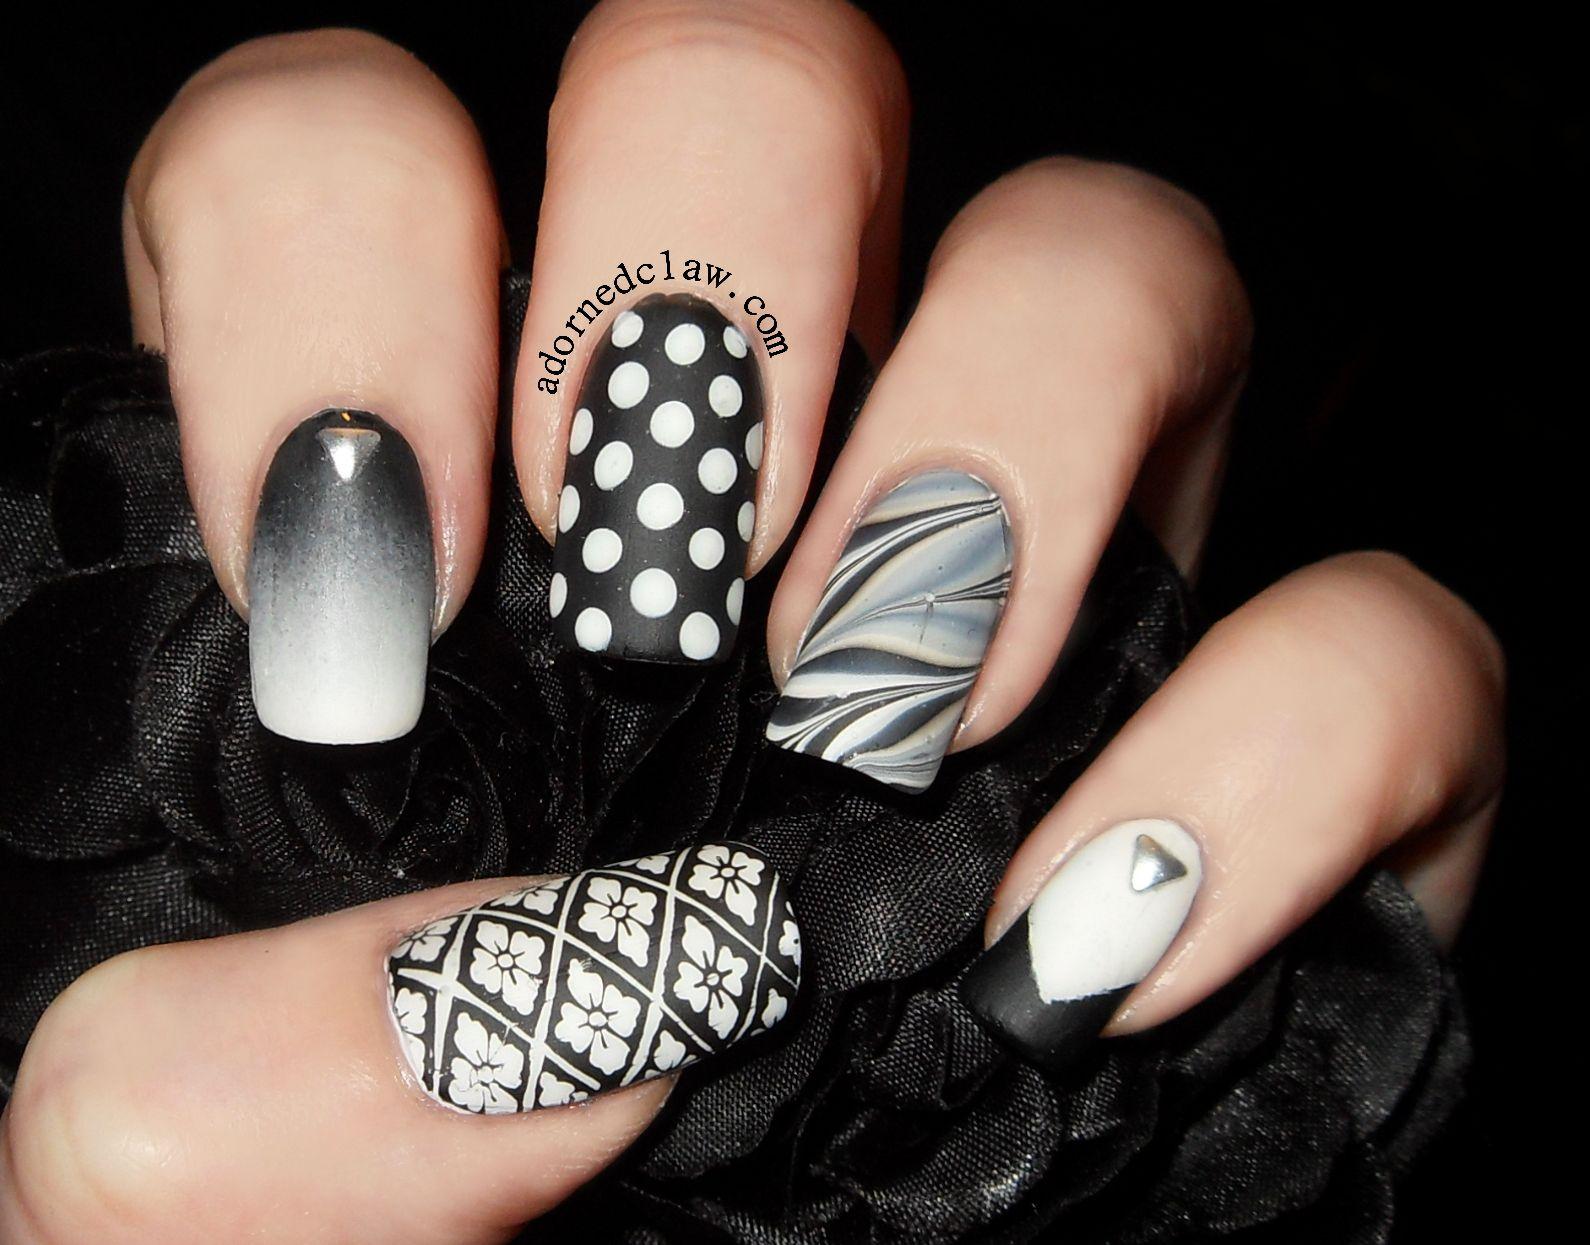 35 Awesome Black & White Nail Art Ideas | Matte black, Matte nail ...